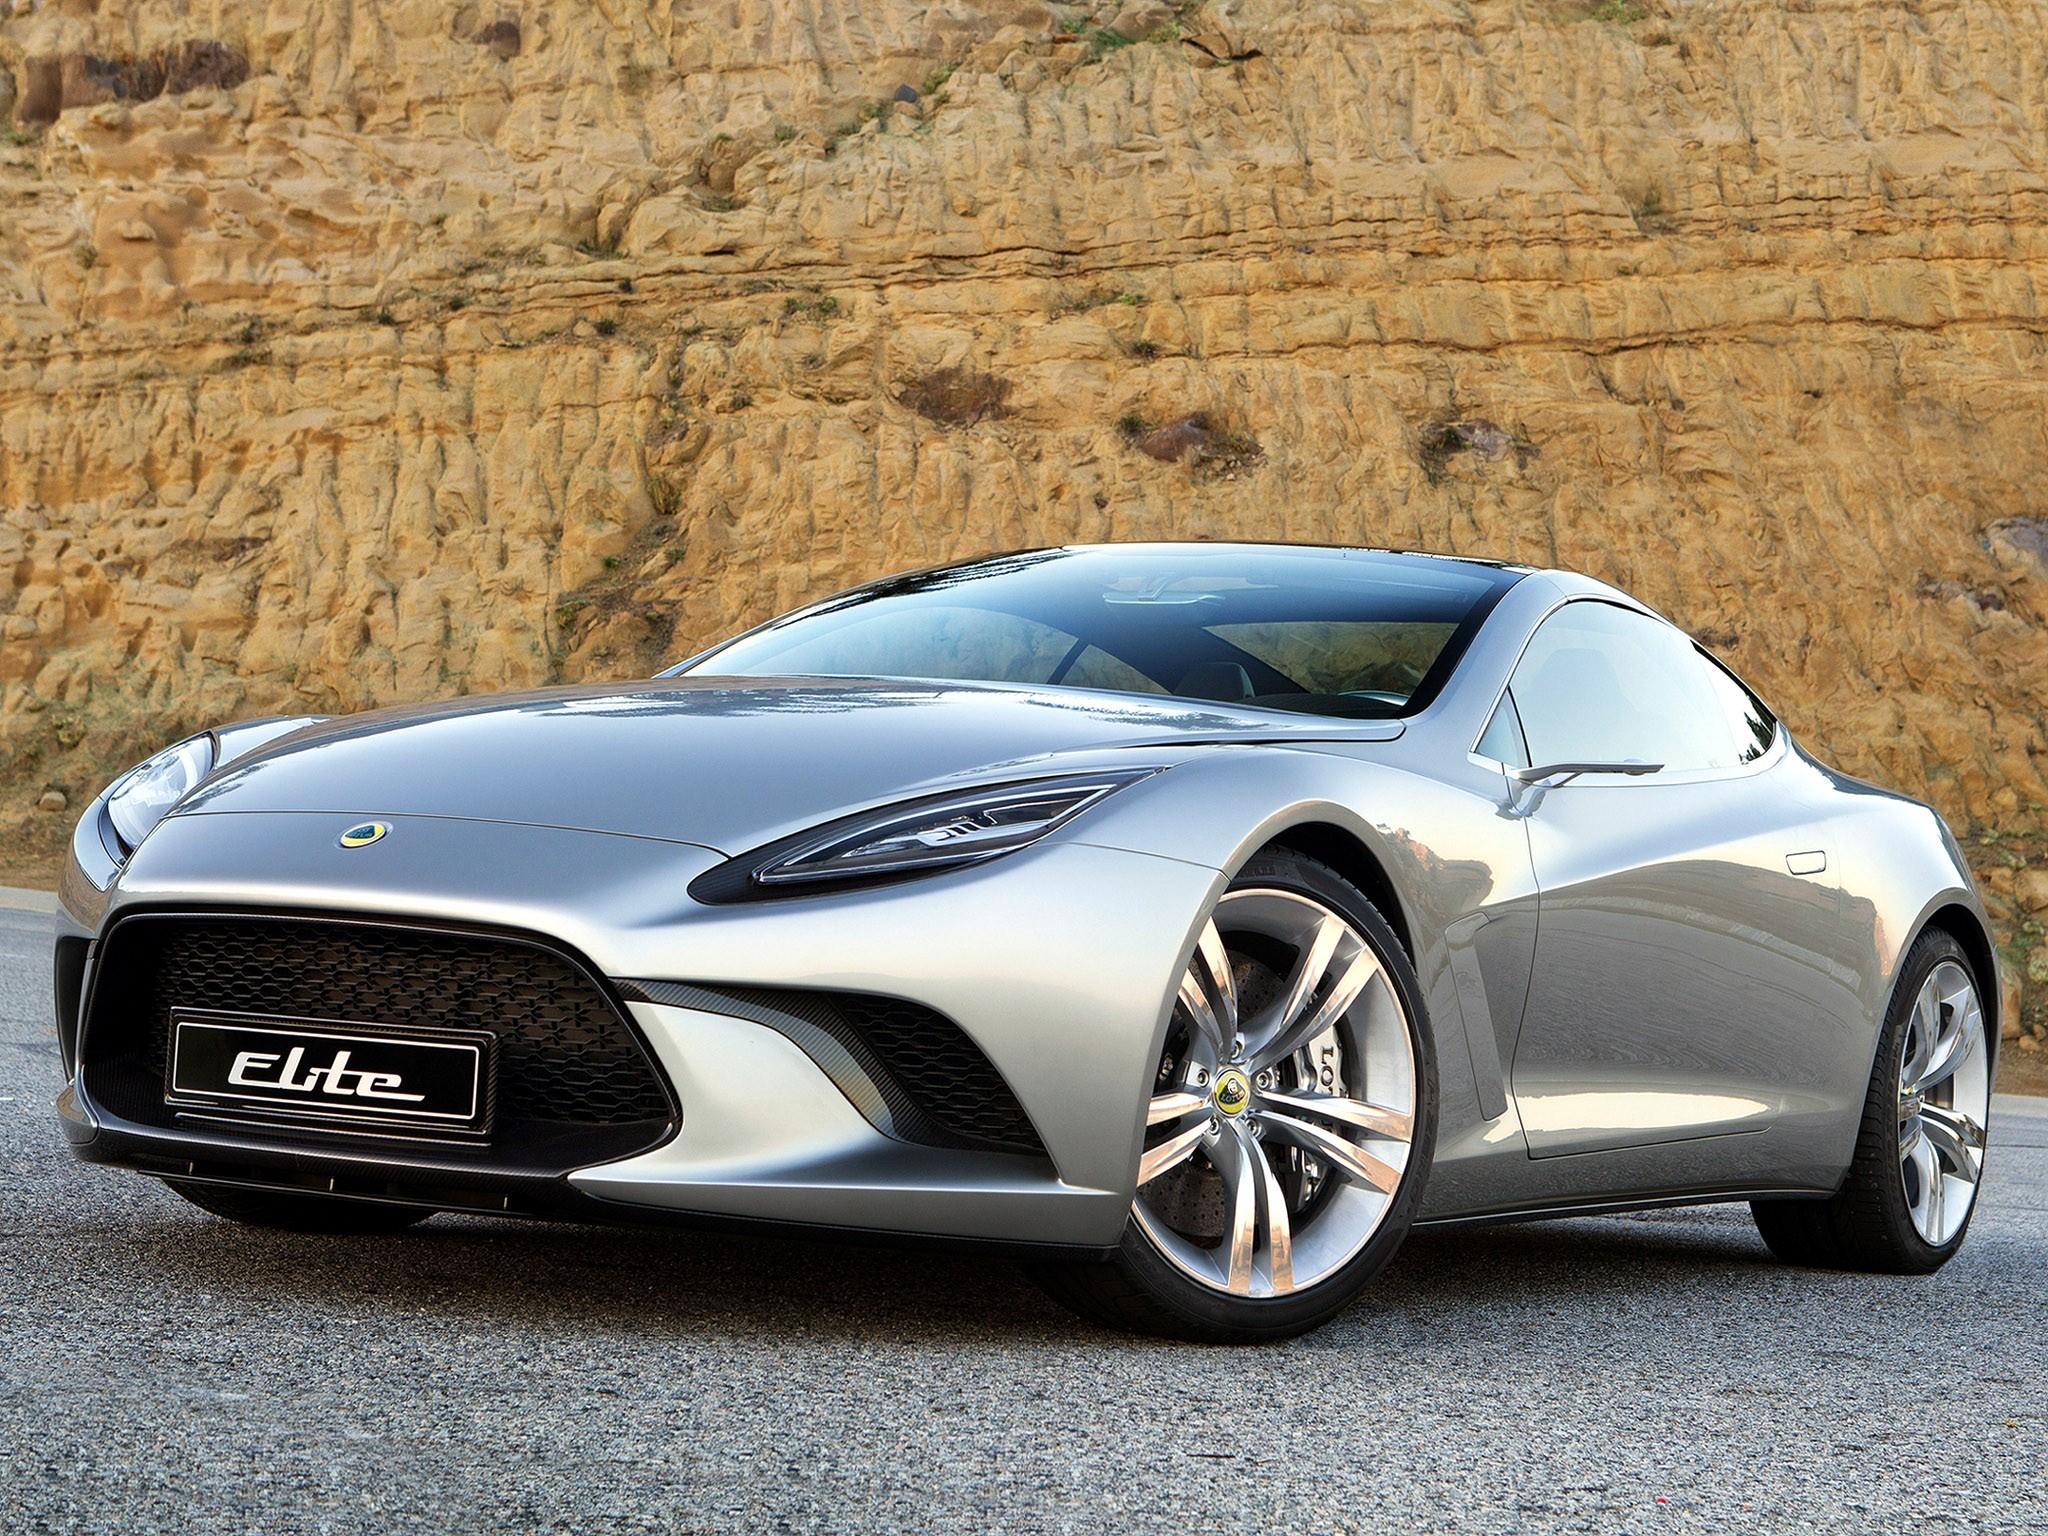 2010 Lotus Elite Concept